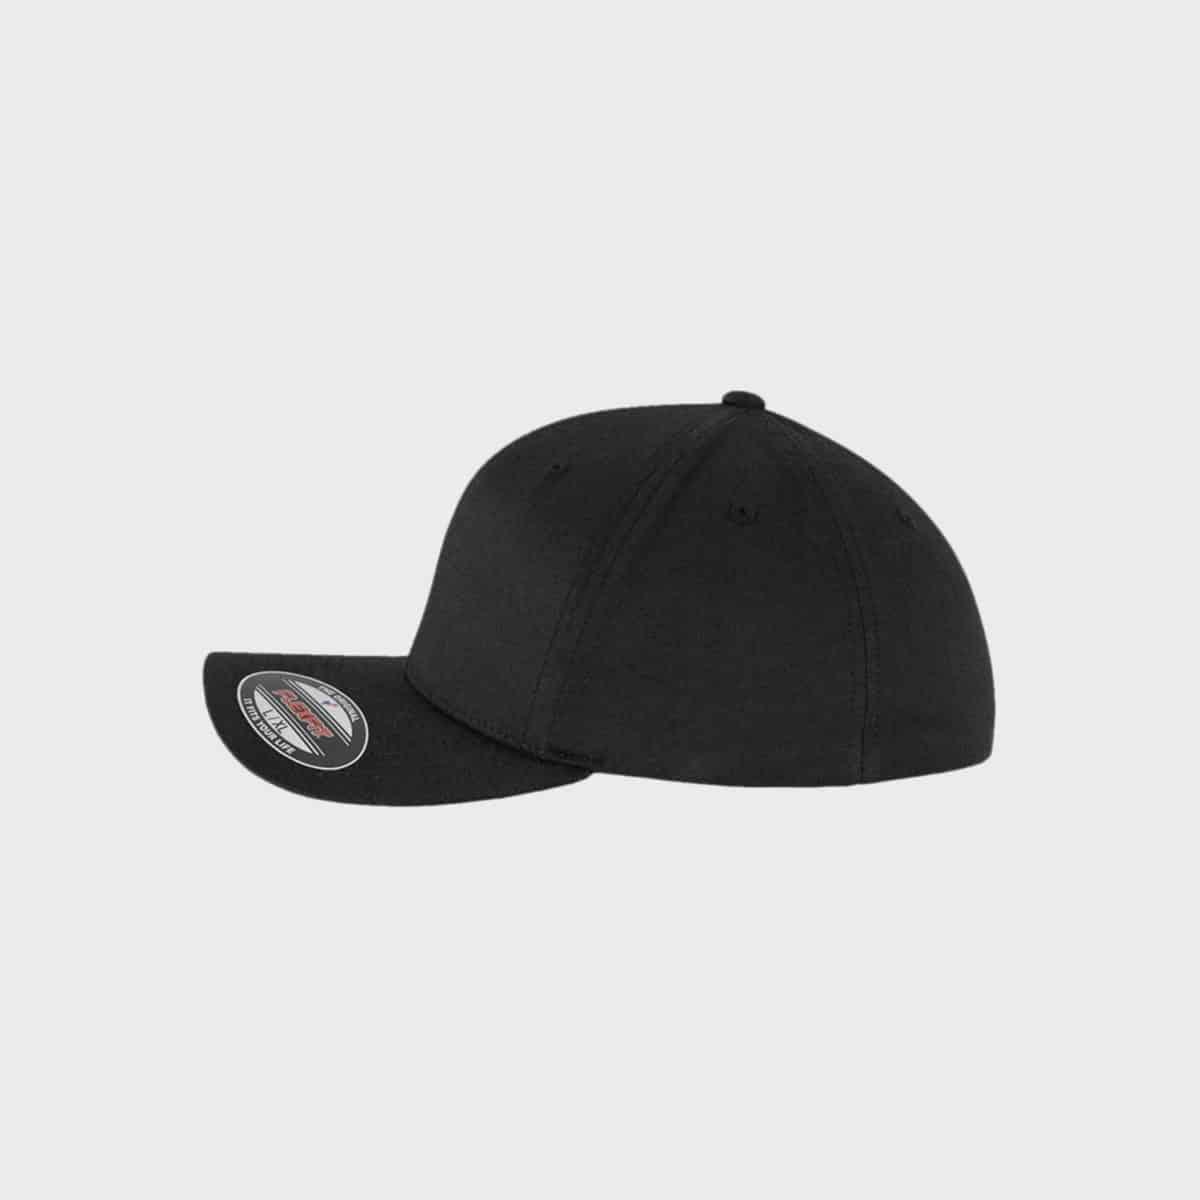 Flexfit MarkenCaps FFE 6588 Black Side